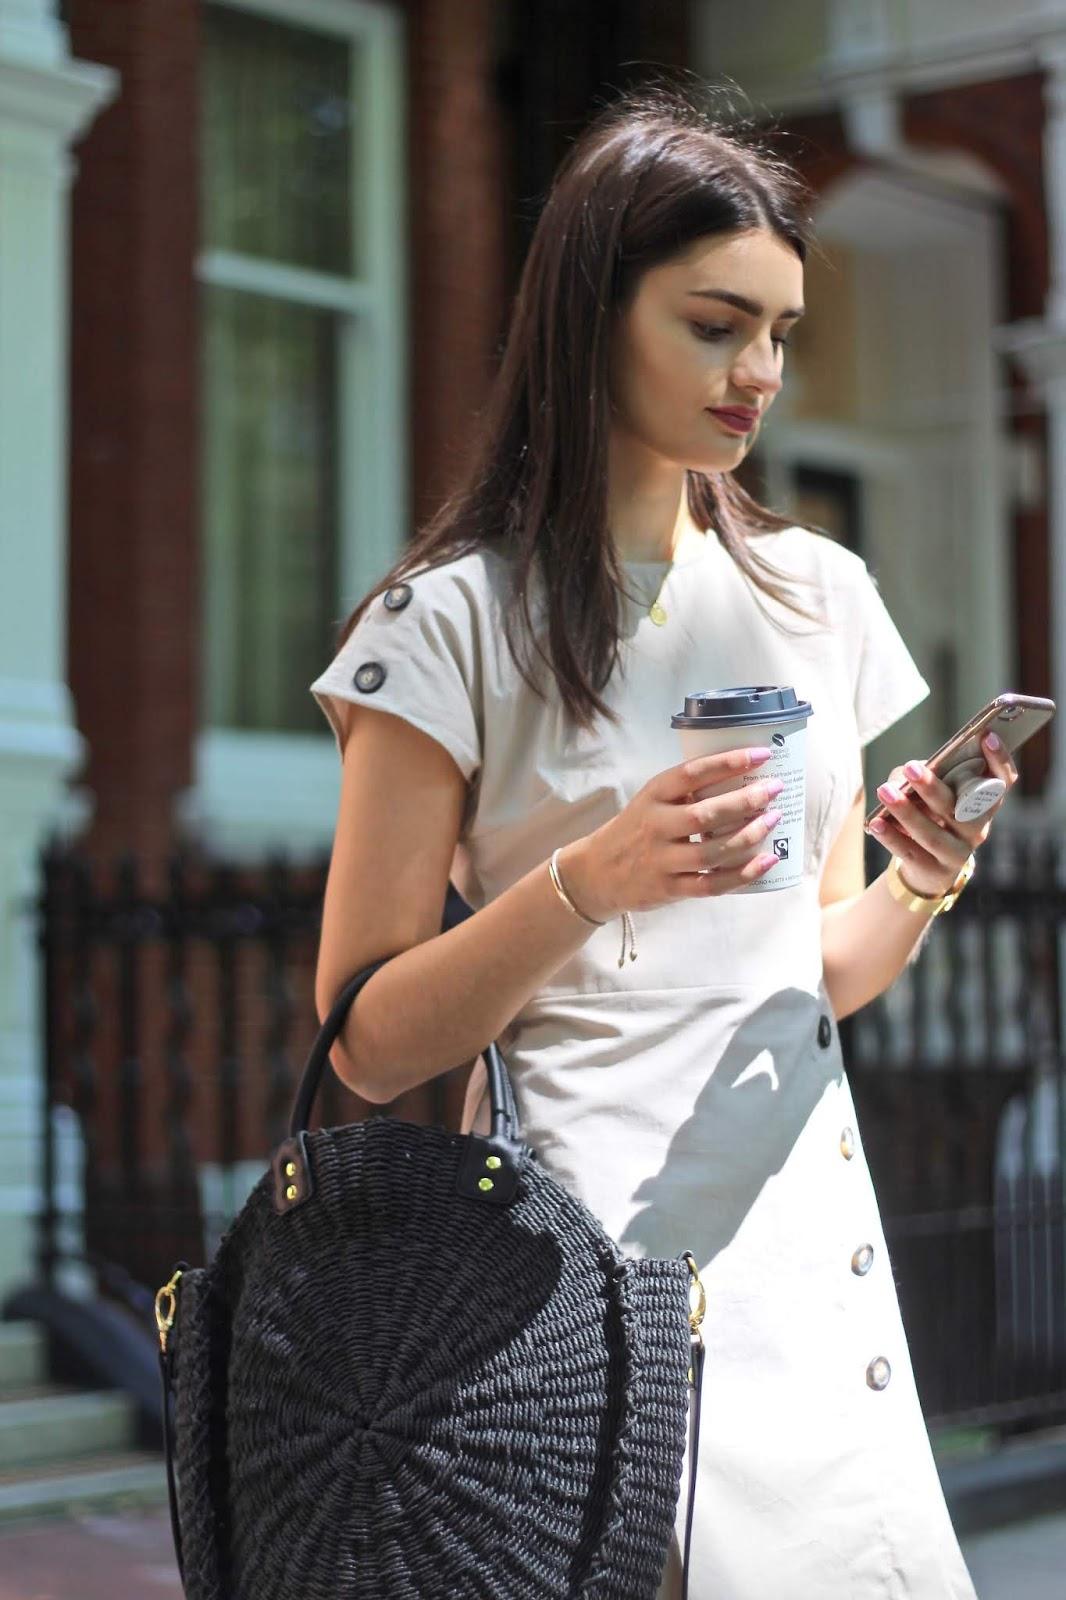 peexo tips for instagram engagement